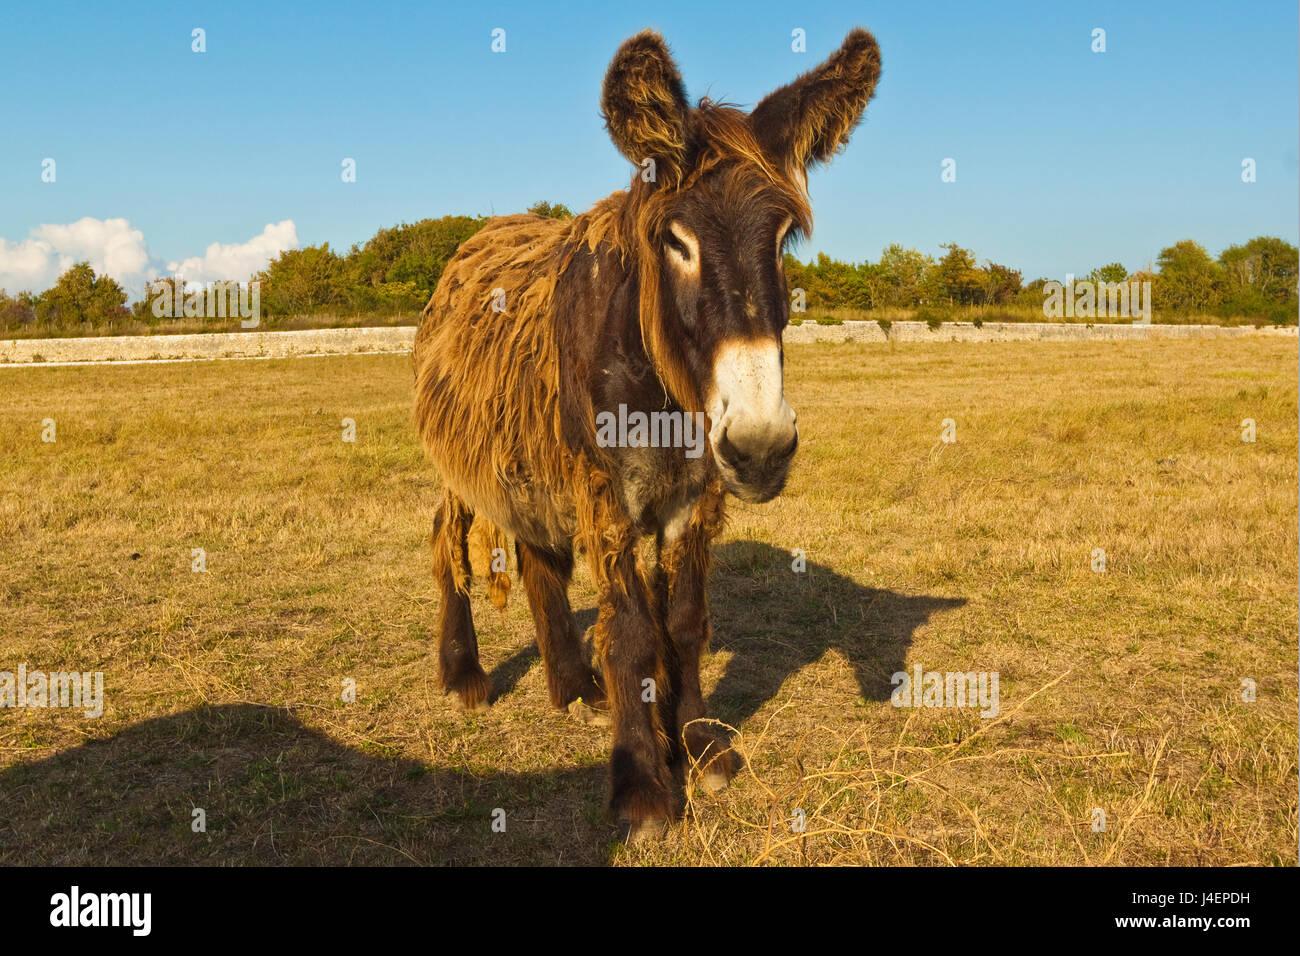 Les ânes laineux, un type rare (Baudet du Poitou) une fois utilisés pour transporter le sel, Saint Martin Photo Stock